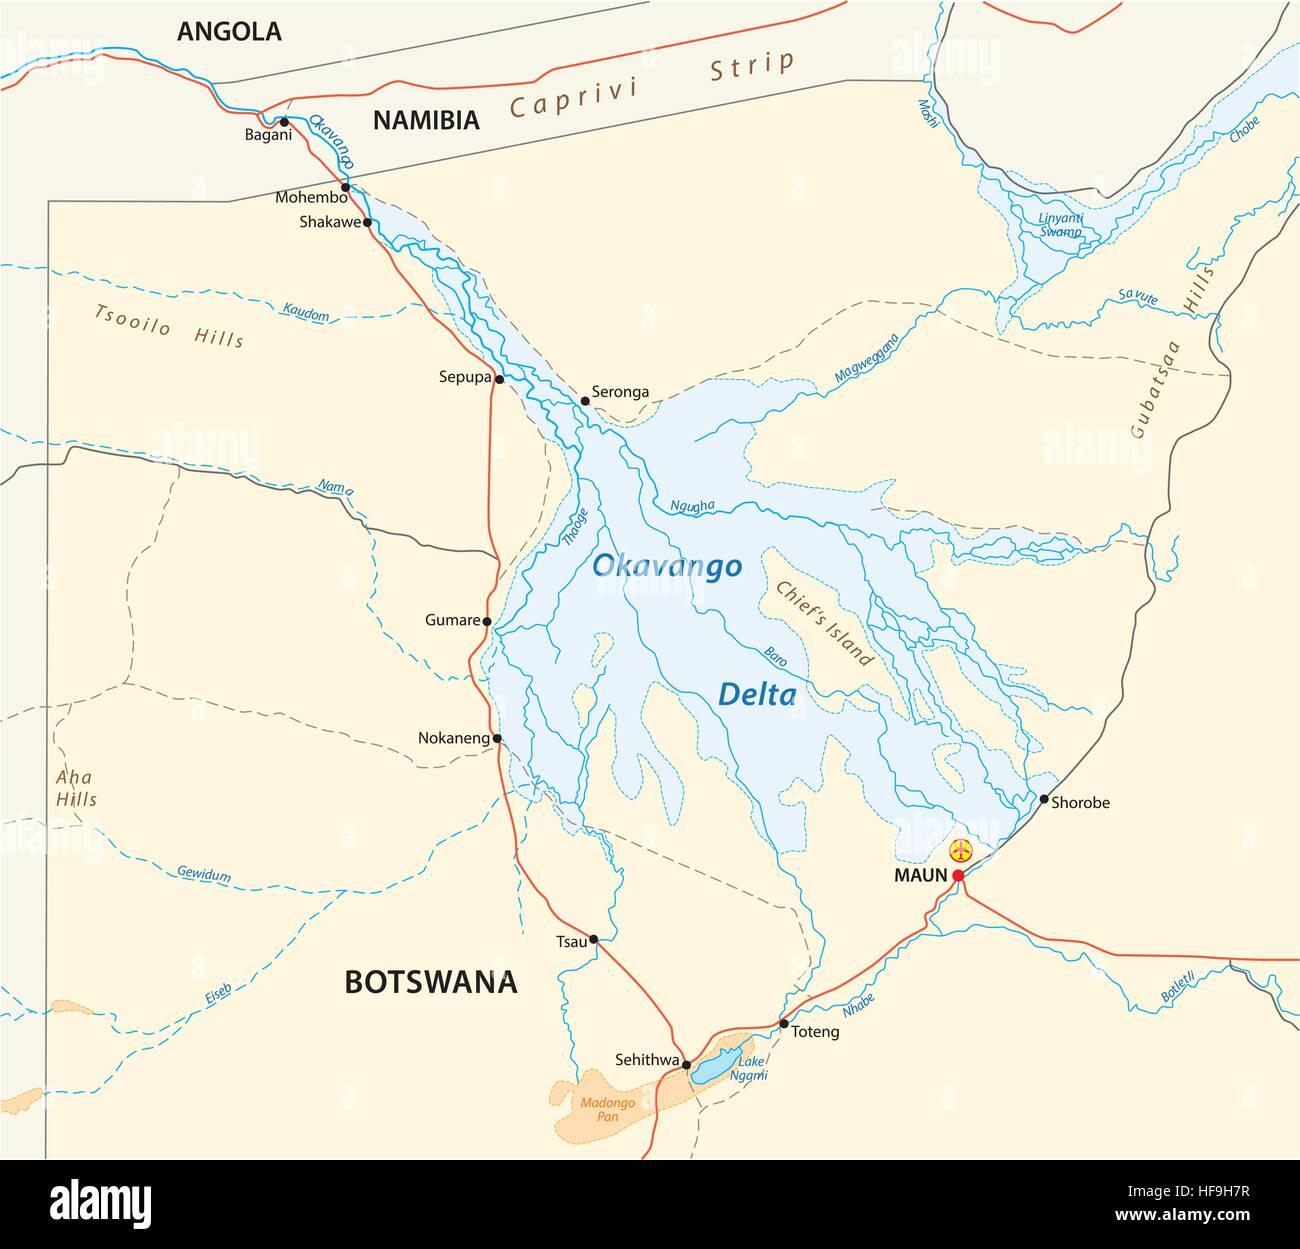 okavango delta map - Stock Vector